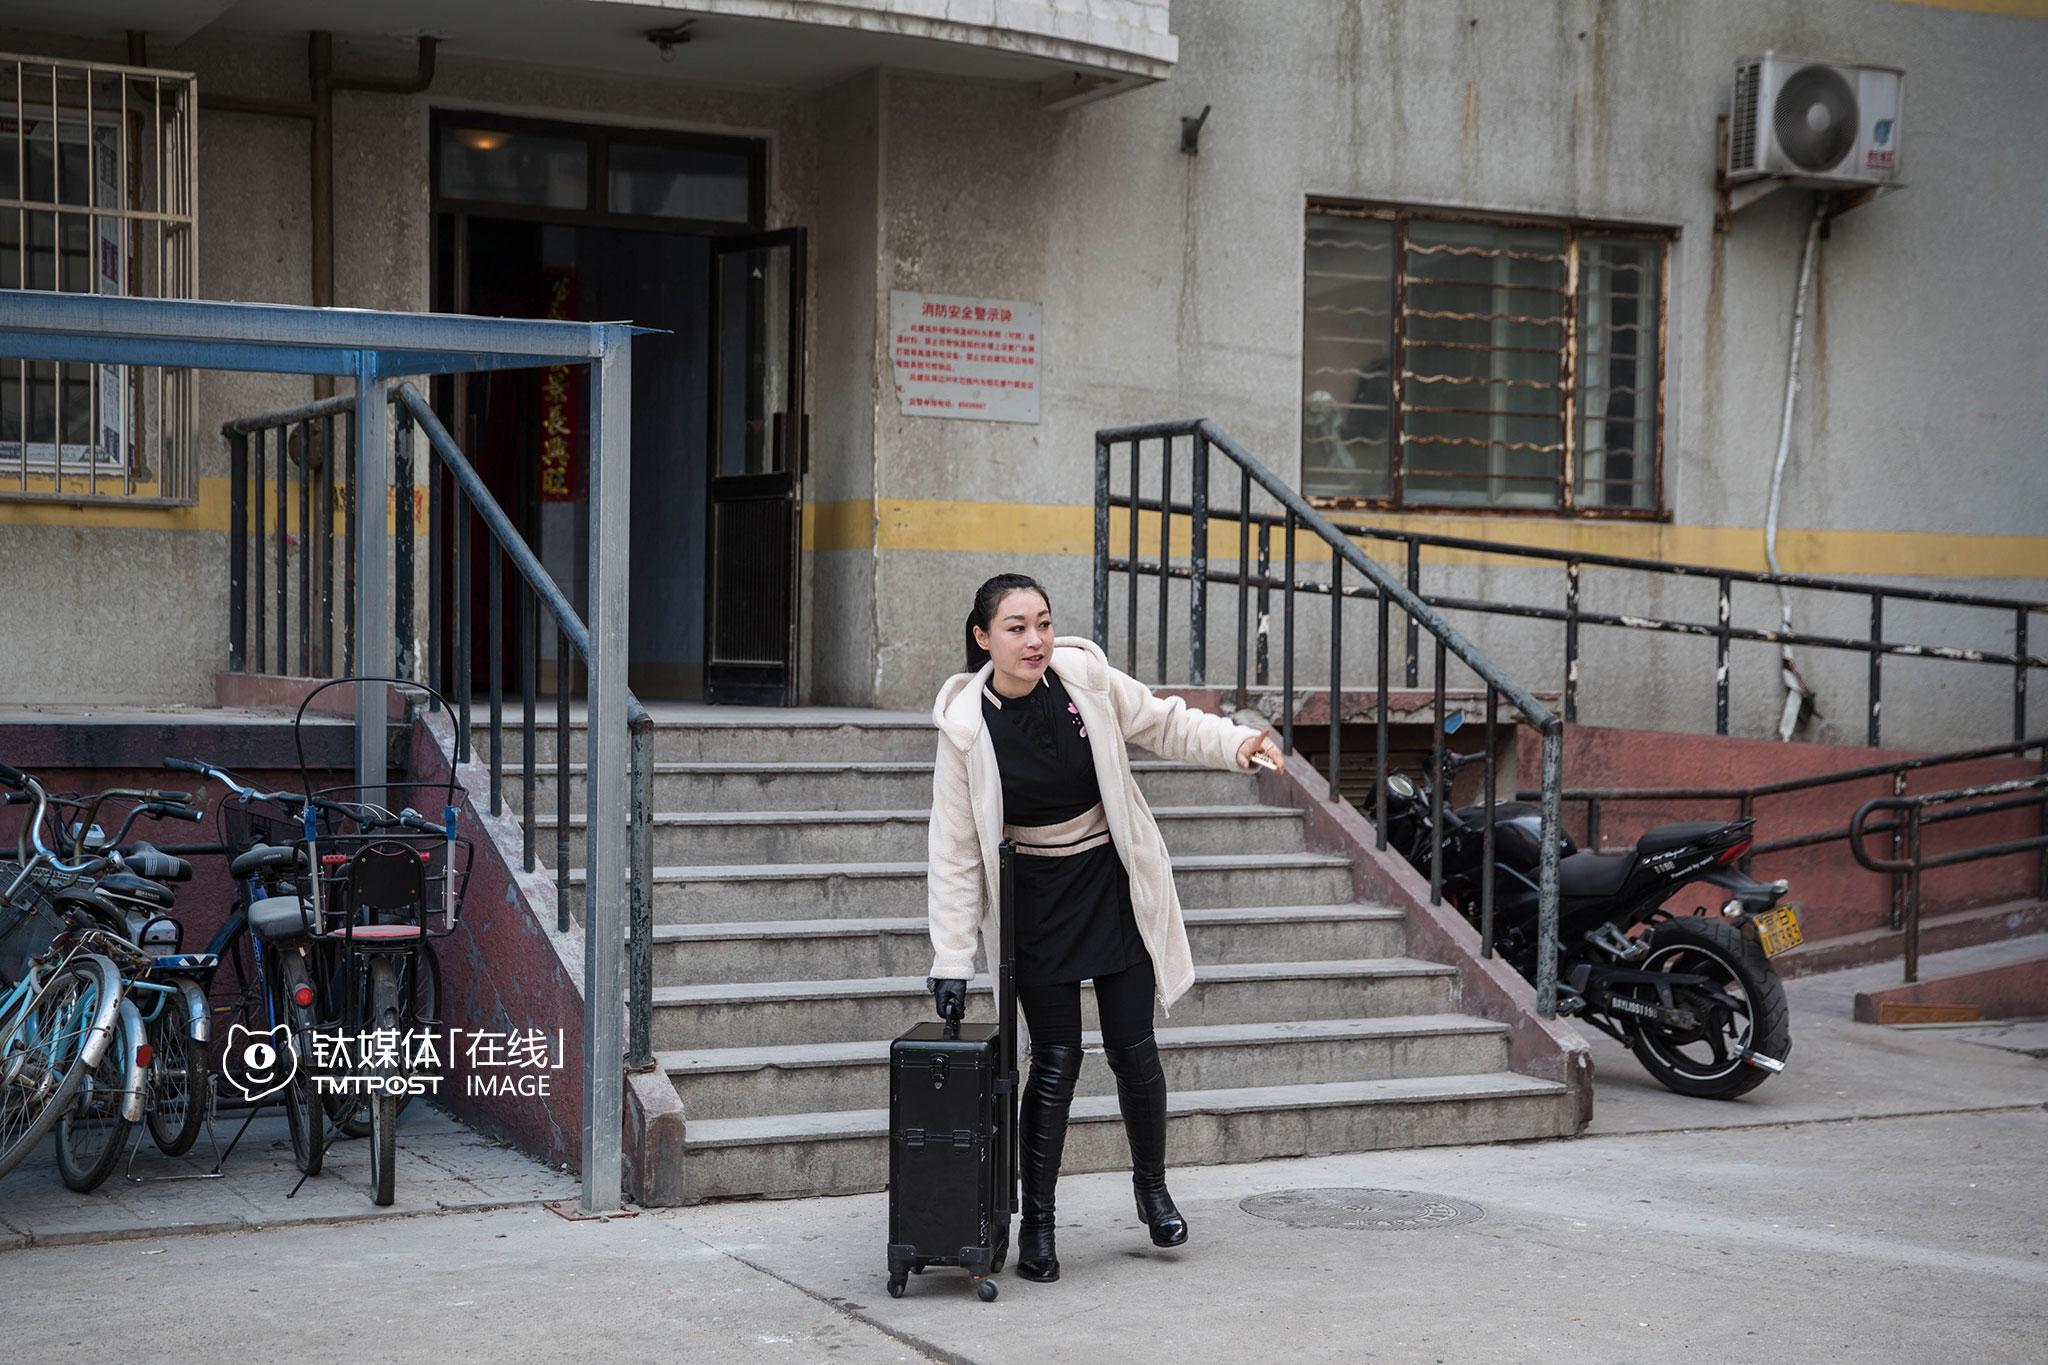 """2016年3月13日9:30,北京,王丽媛带着工具箱,出发开始一天的工作。这天她只安排了4位顾客,""""都是熟客,平时如果安排5到6位,需要早上7点出门,今天算比较轻松的。"""""""